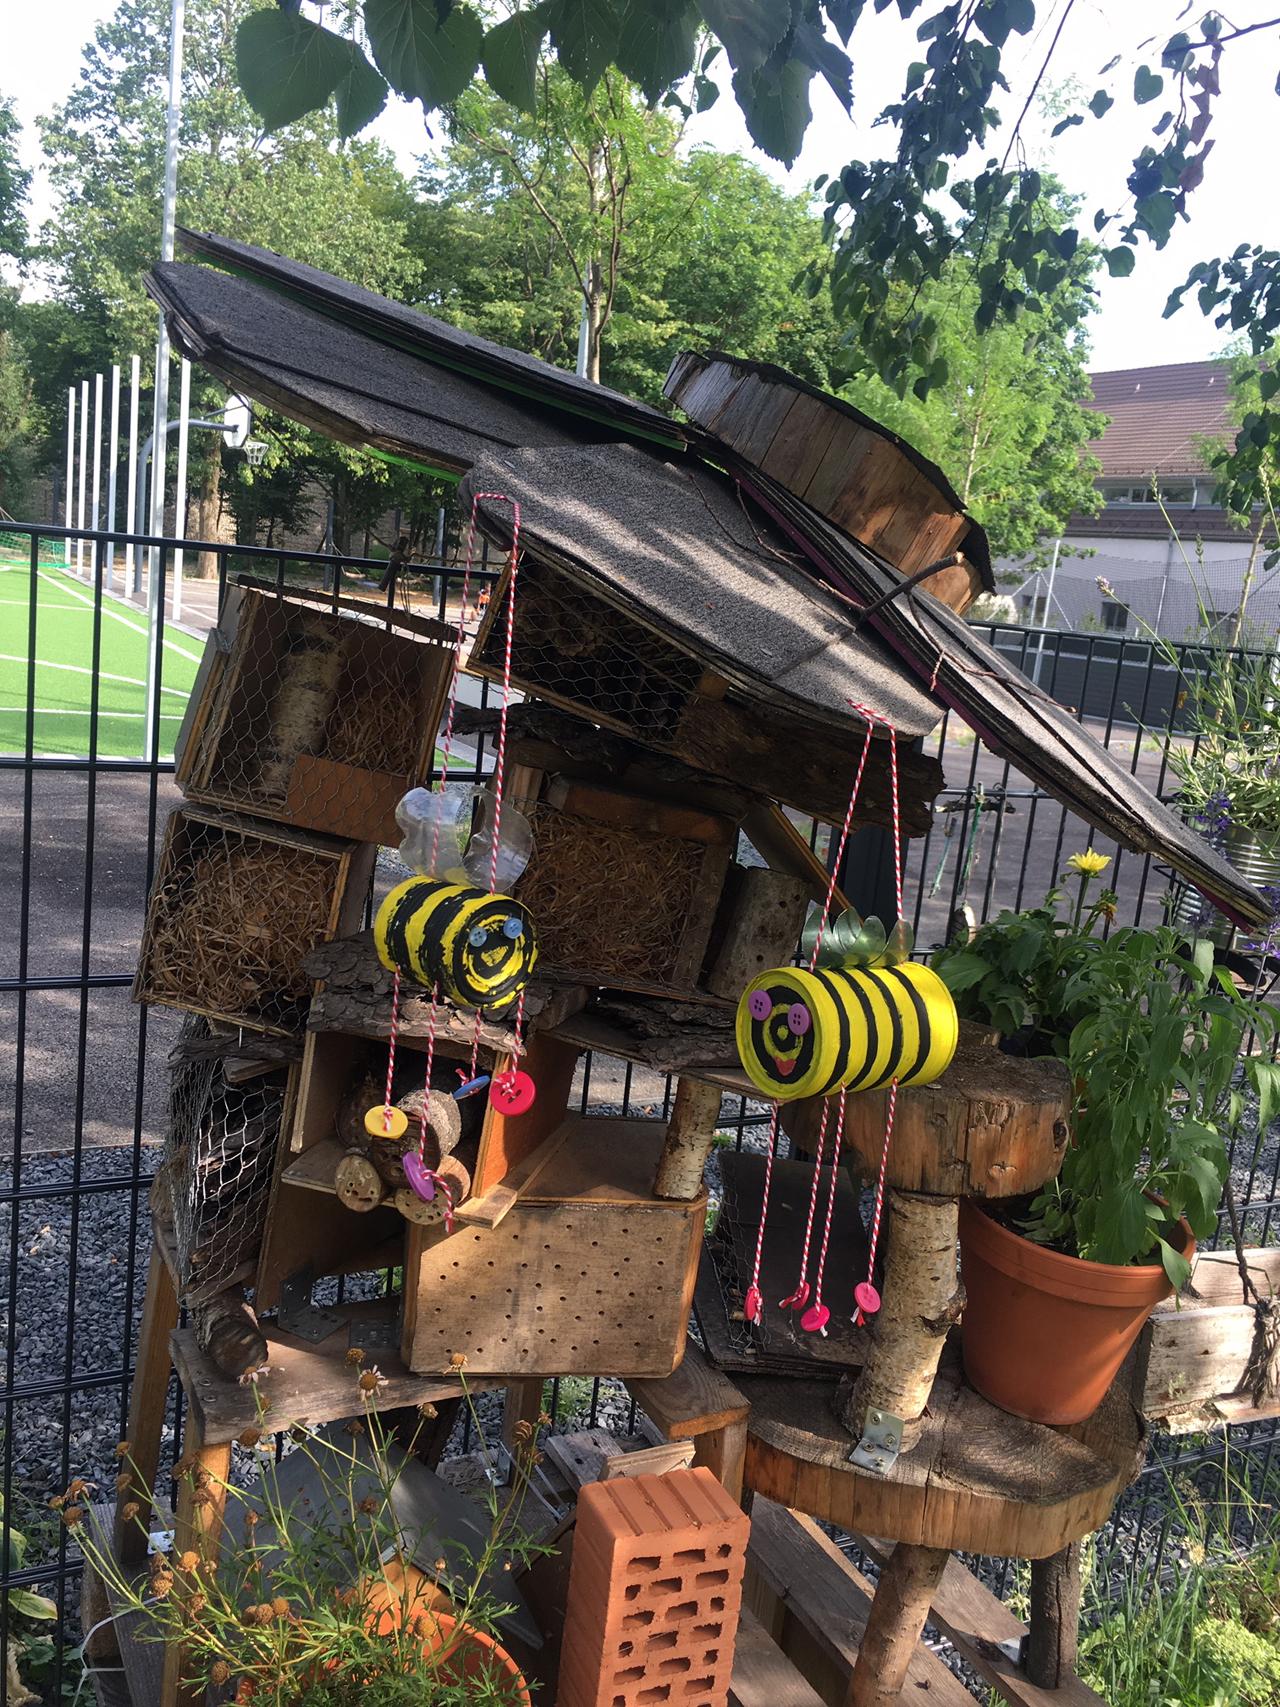 Feierwerk_Blog_Funkstation_Familie_Urban_Gardening_14